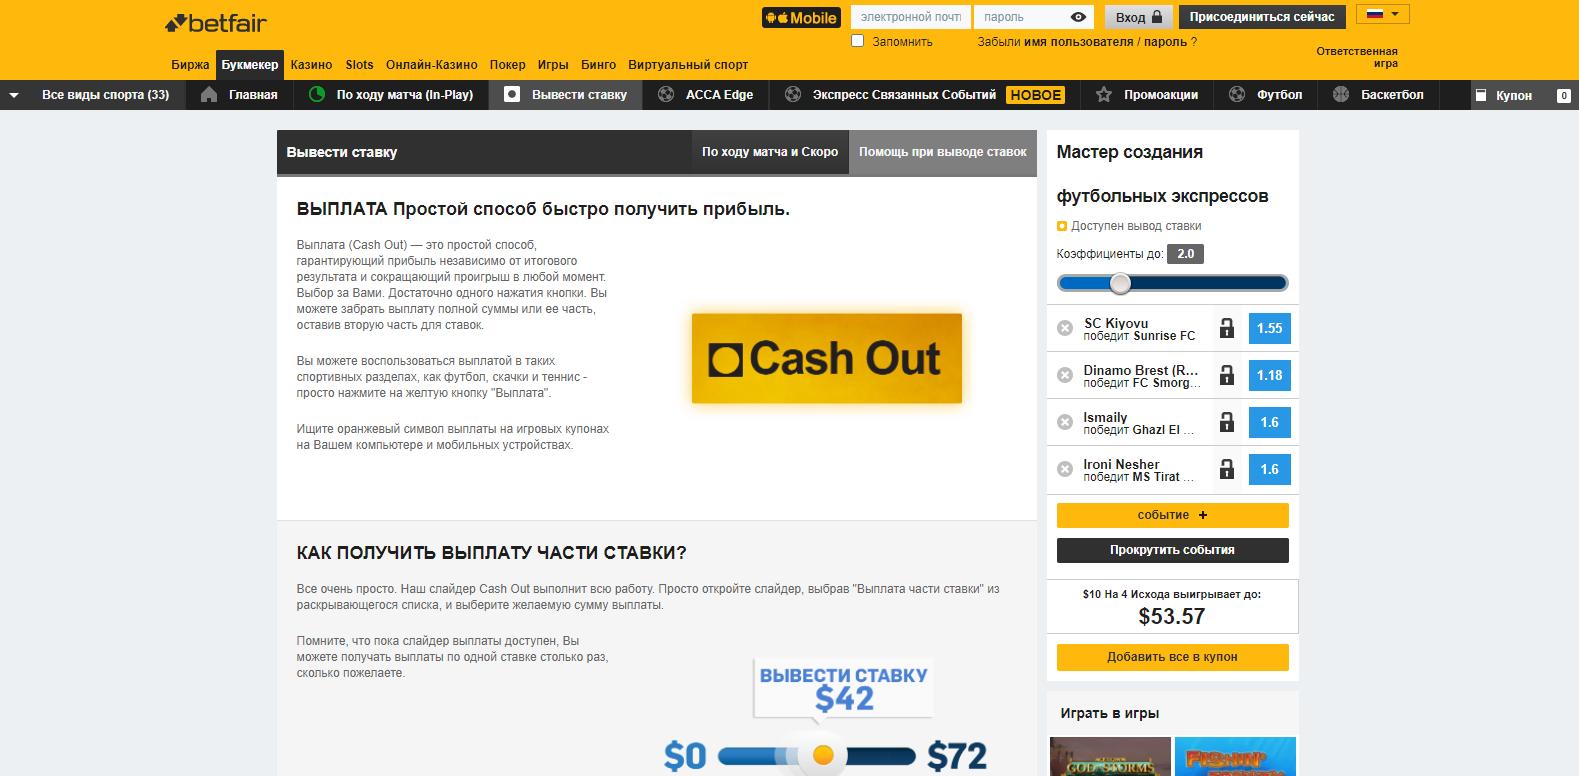 Betfair Cash Out